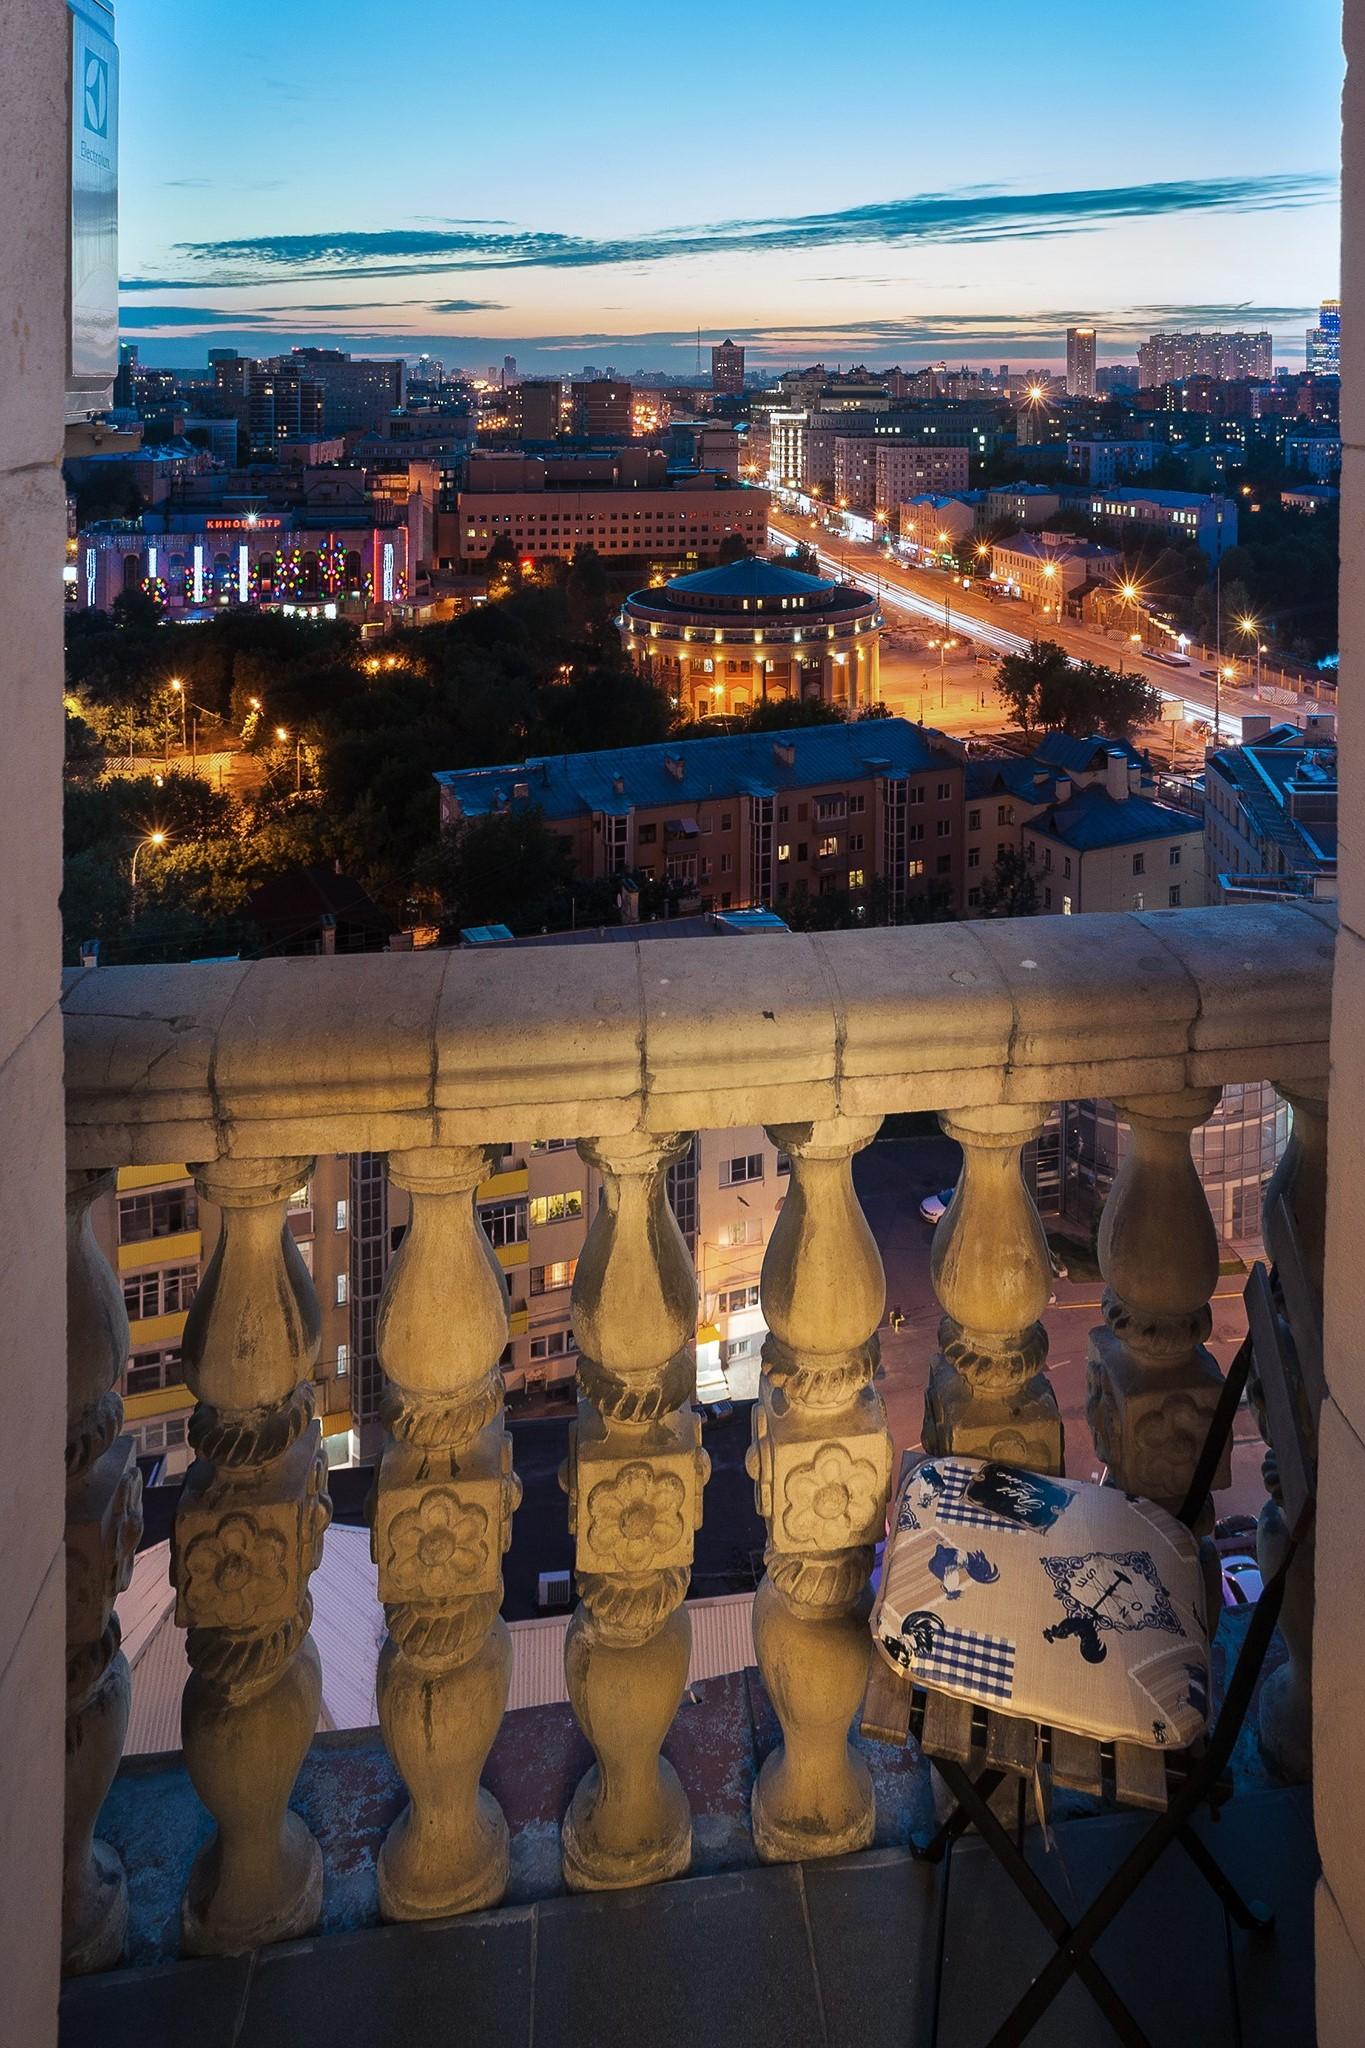 интерьерная фотосъемка гостиницы: виды из окна